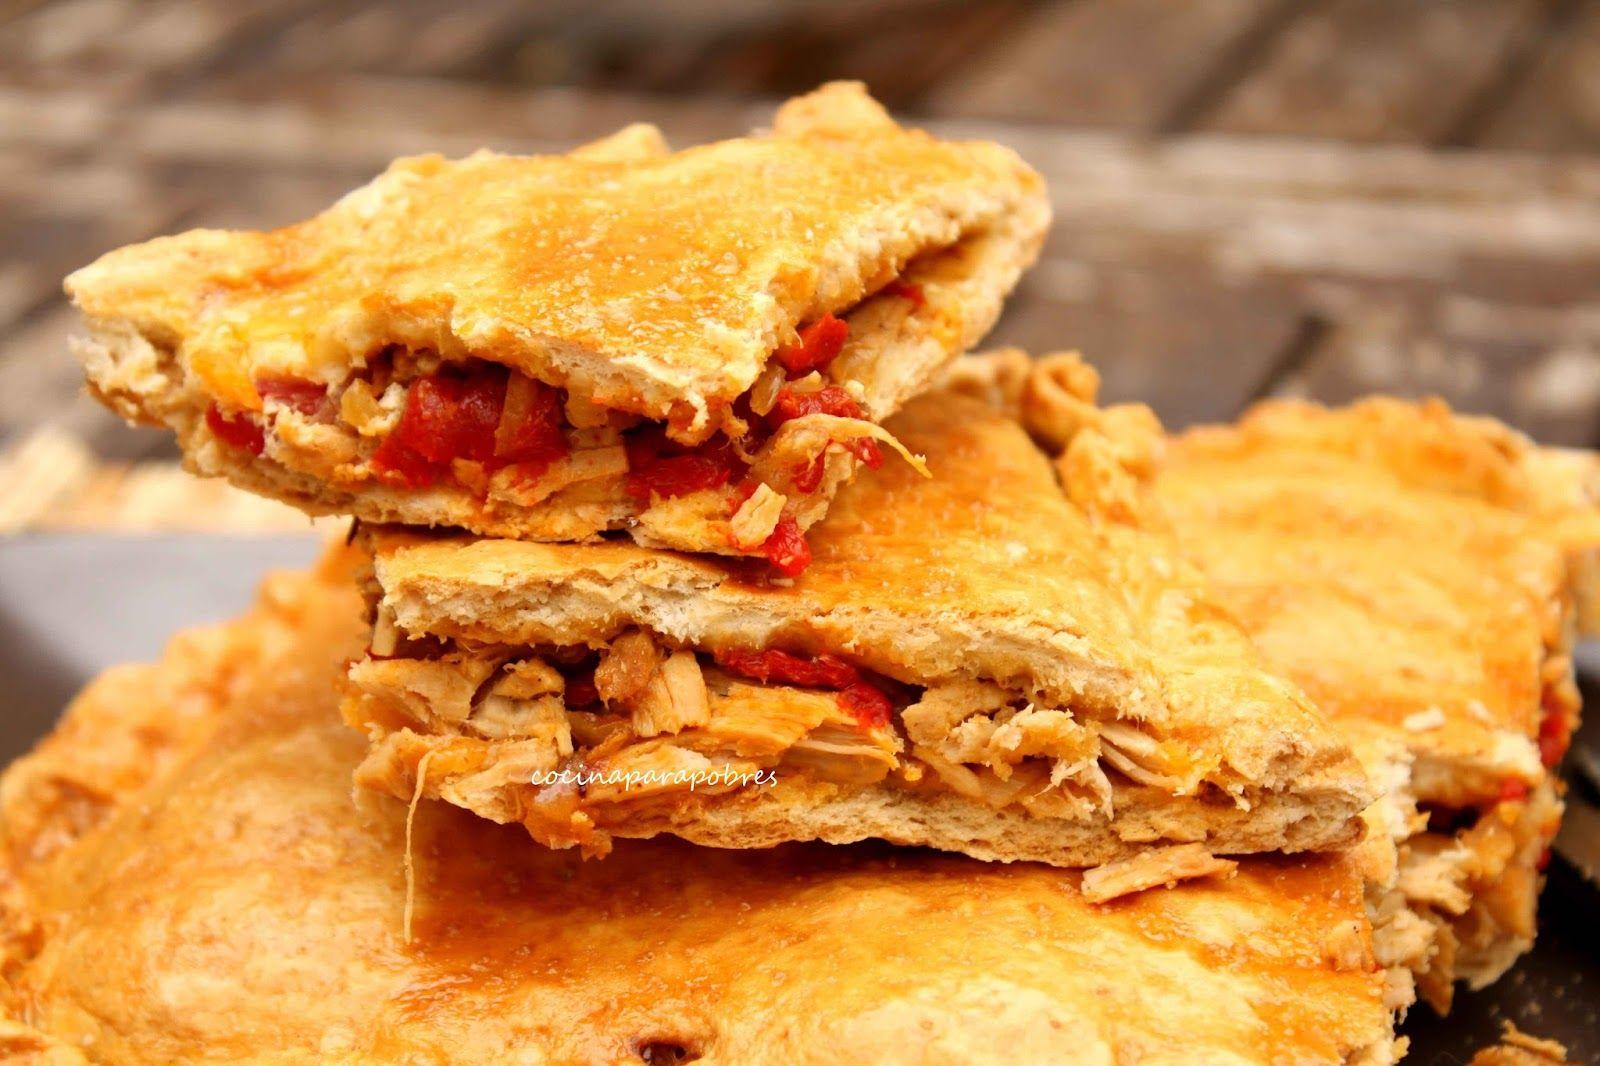 Cocina para pobres: Empanada gallega de lomo